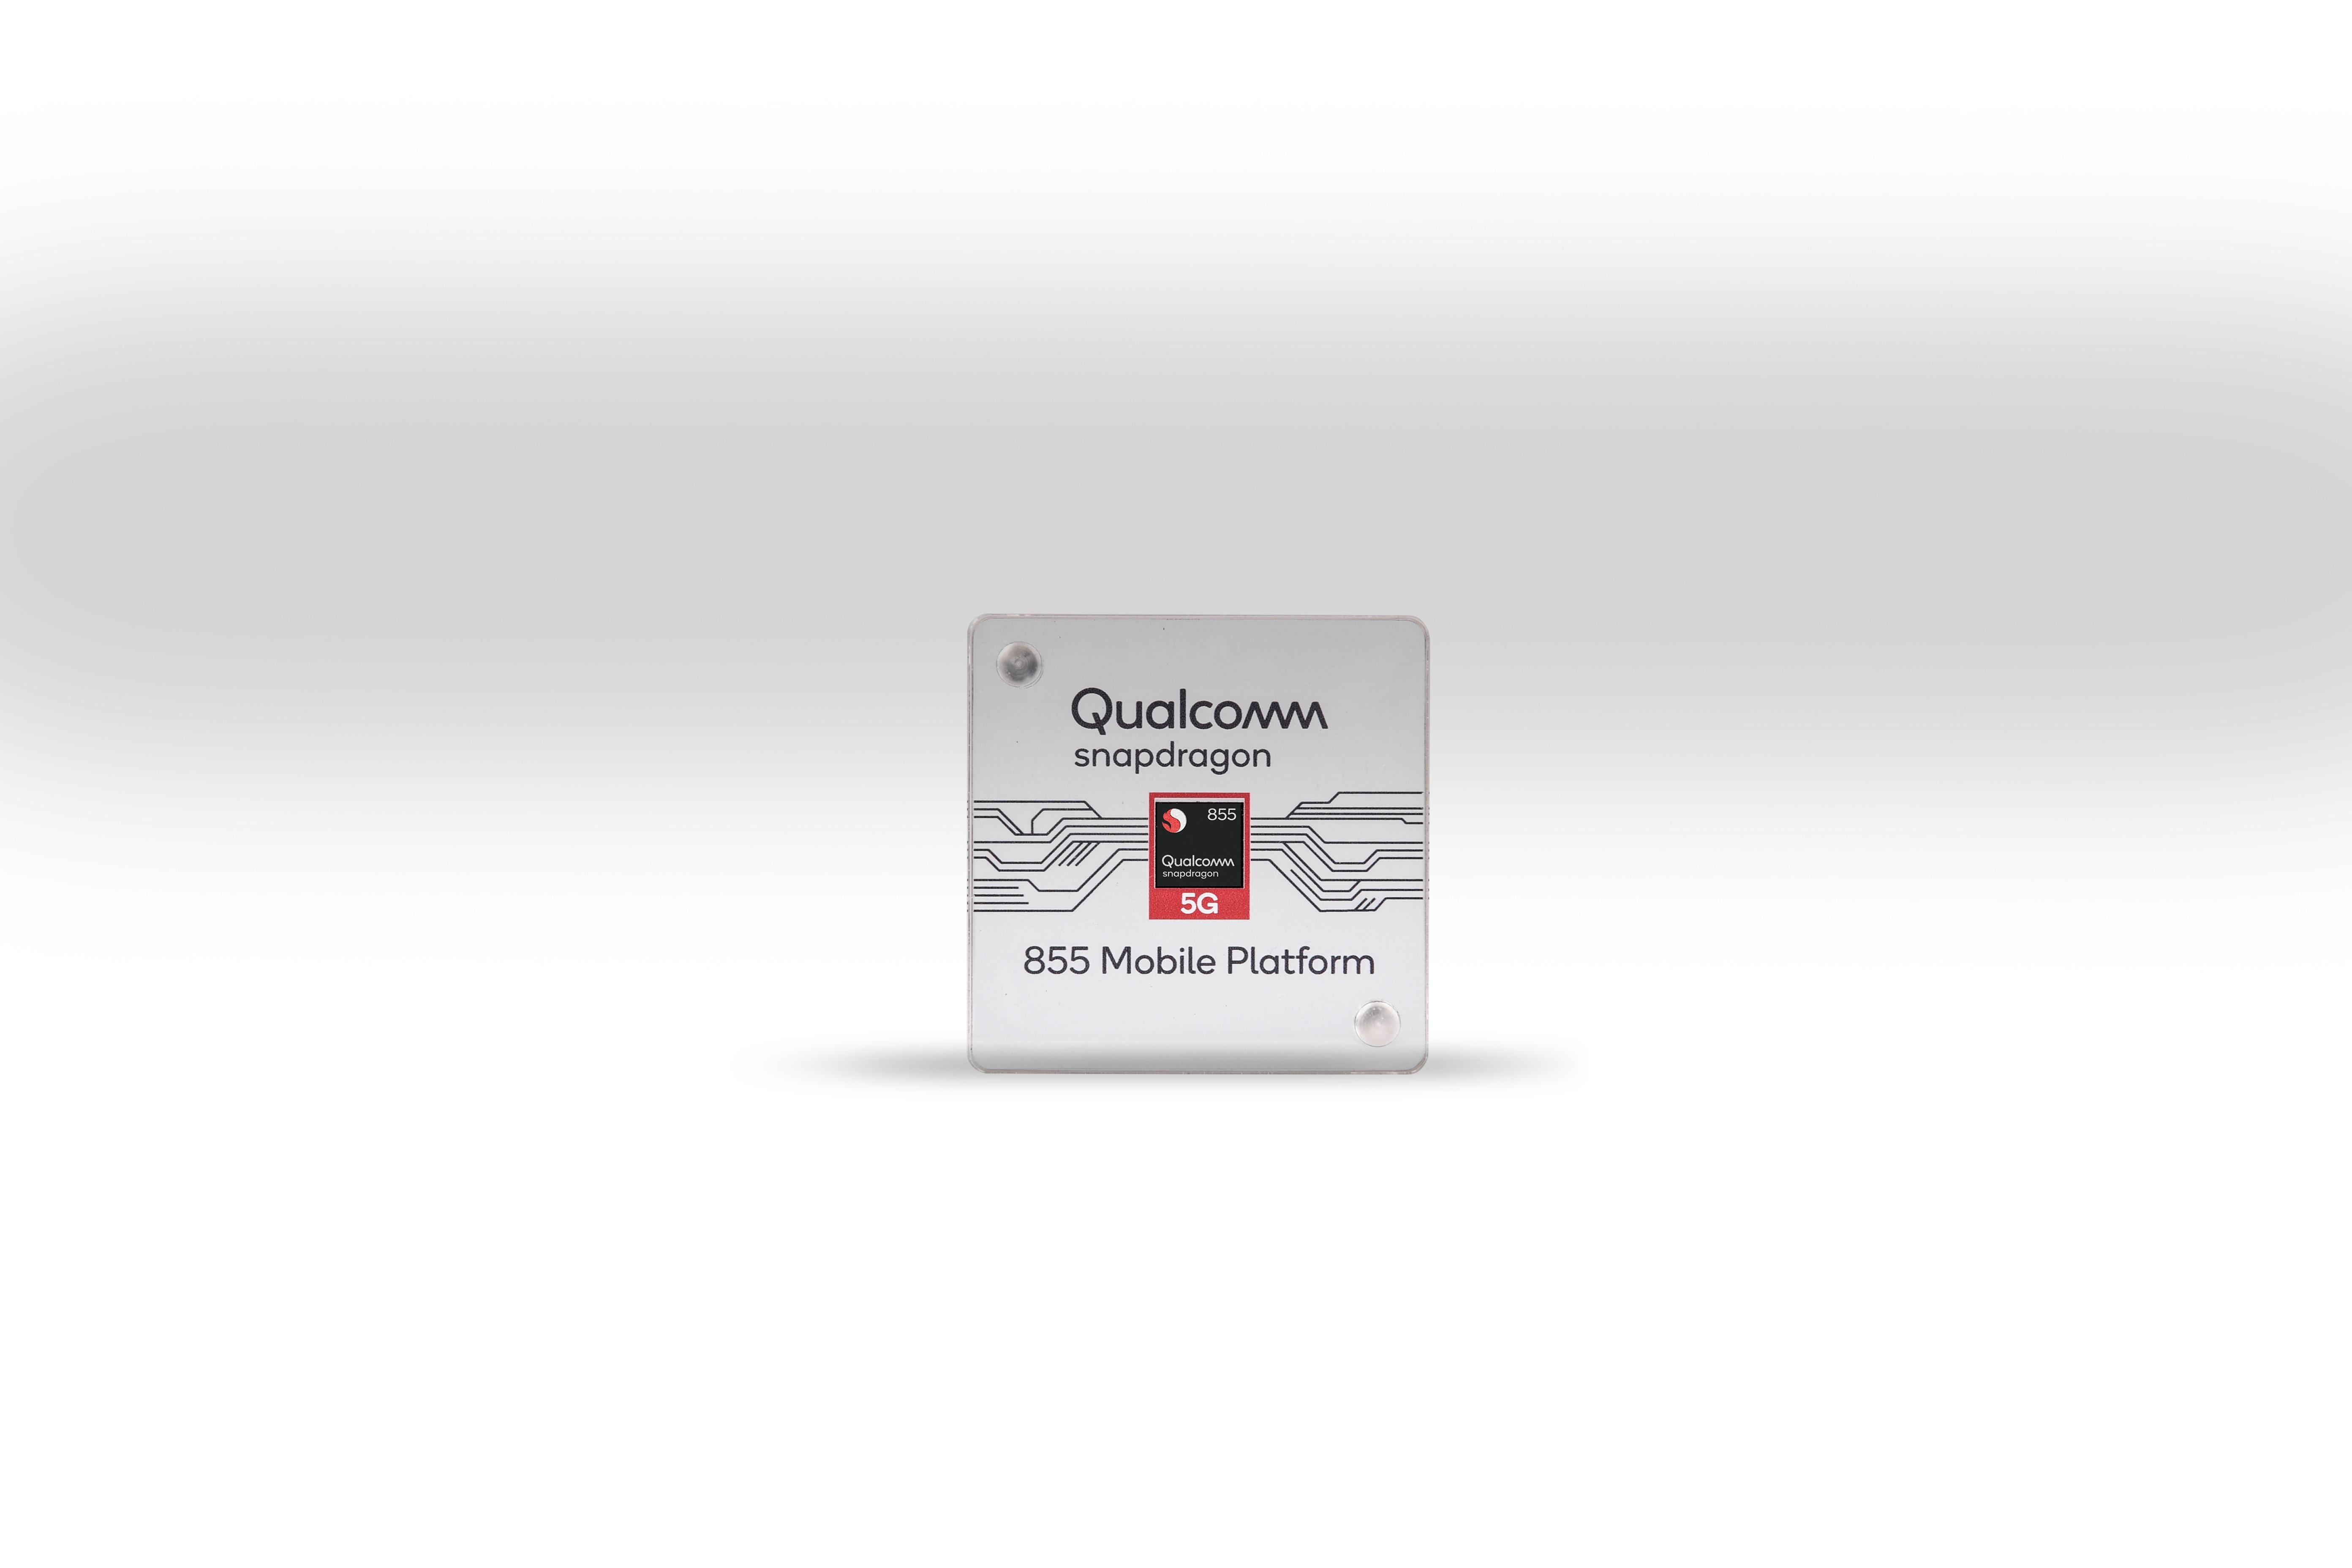 Novo chip Snapdragon 855 da Qualcomm